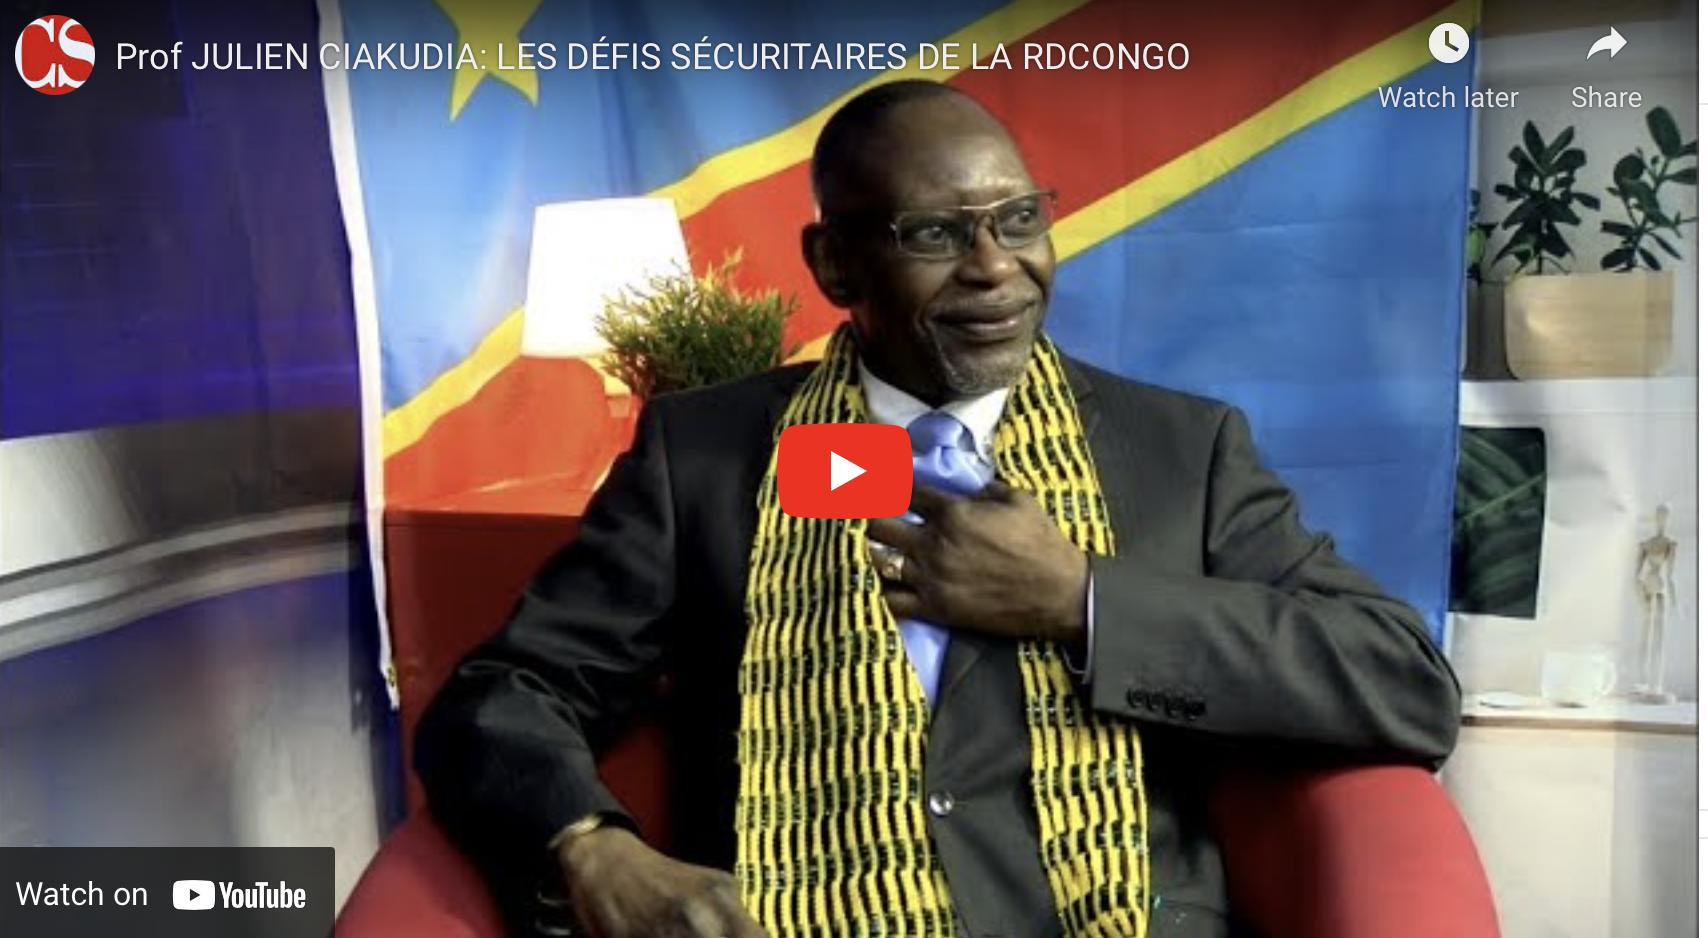 Prof JULIEN CIAKUDIA: LES DÉFIS SÉCURITAIRES DE LA RDCONGO.